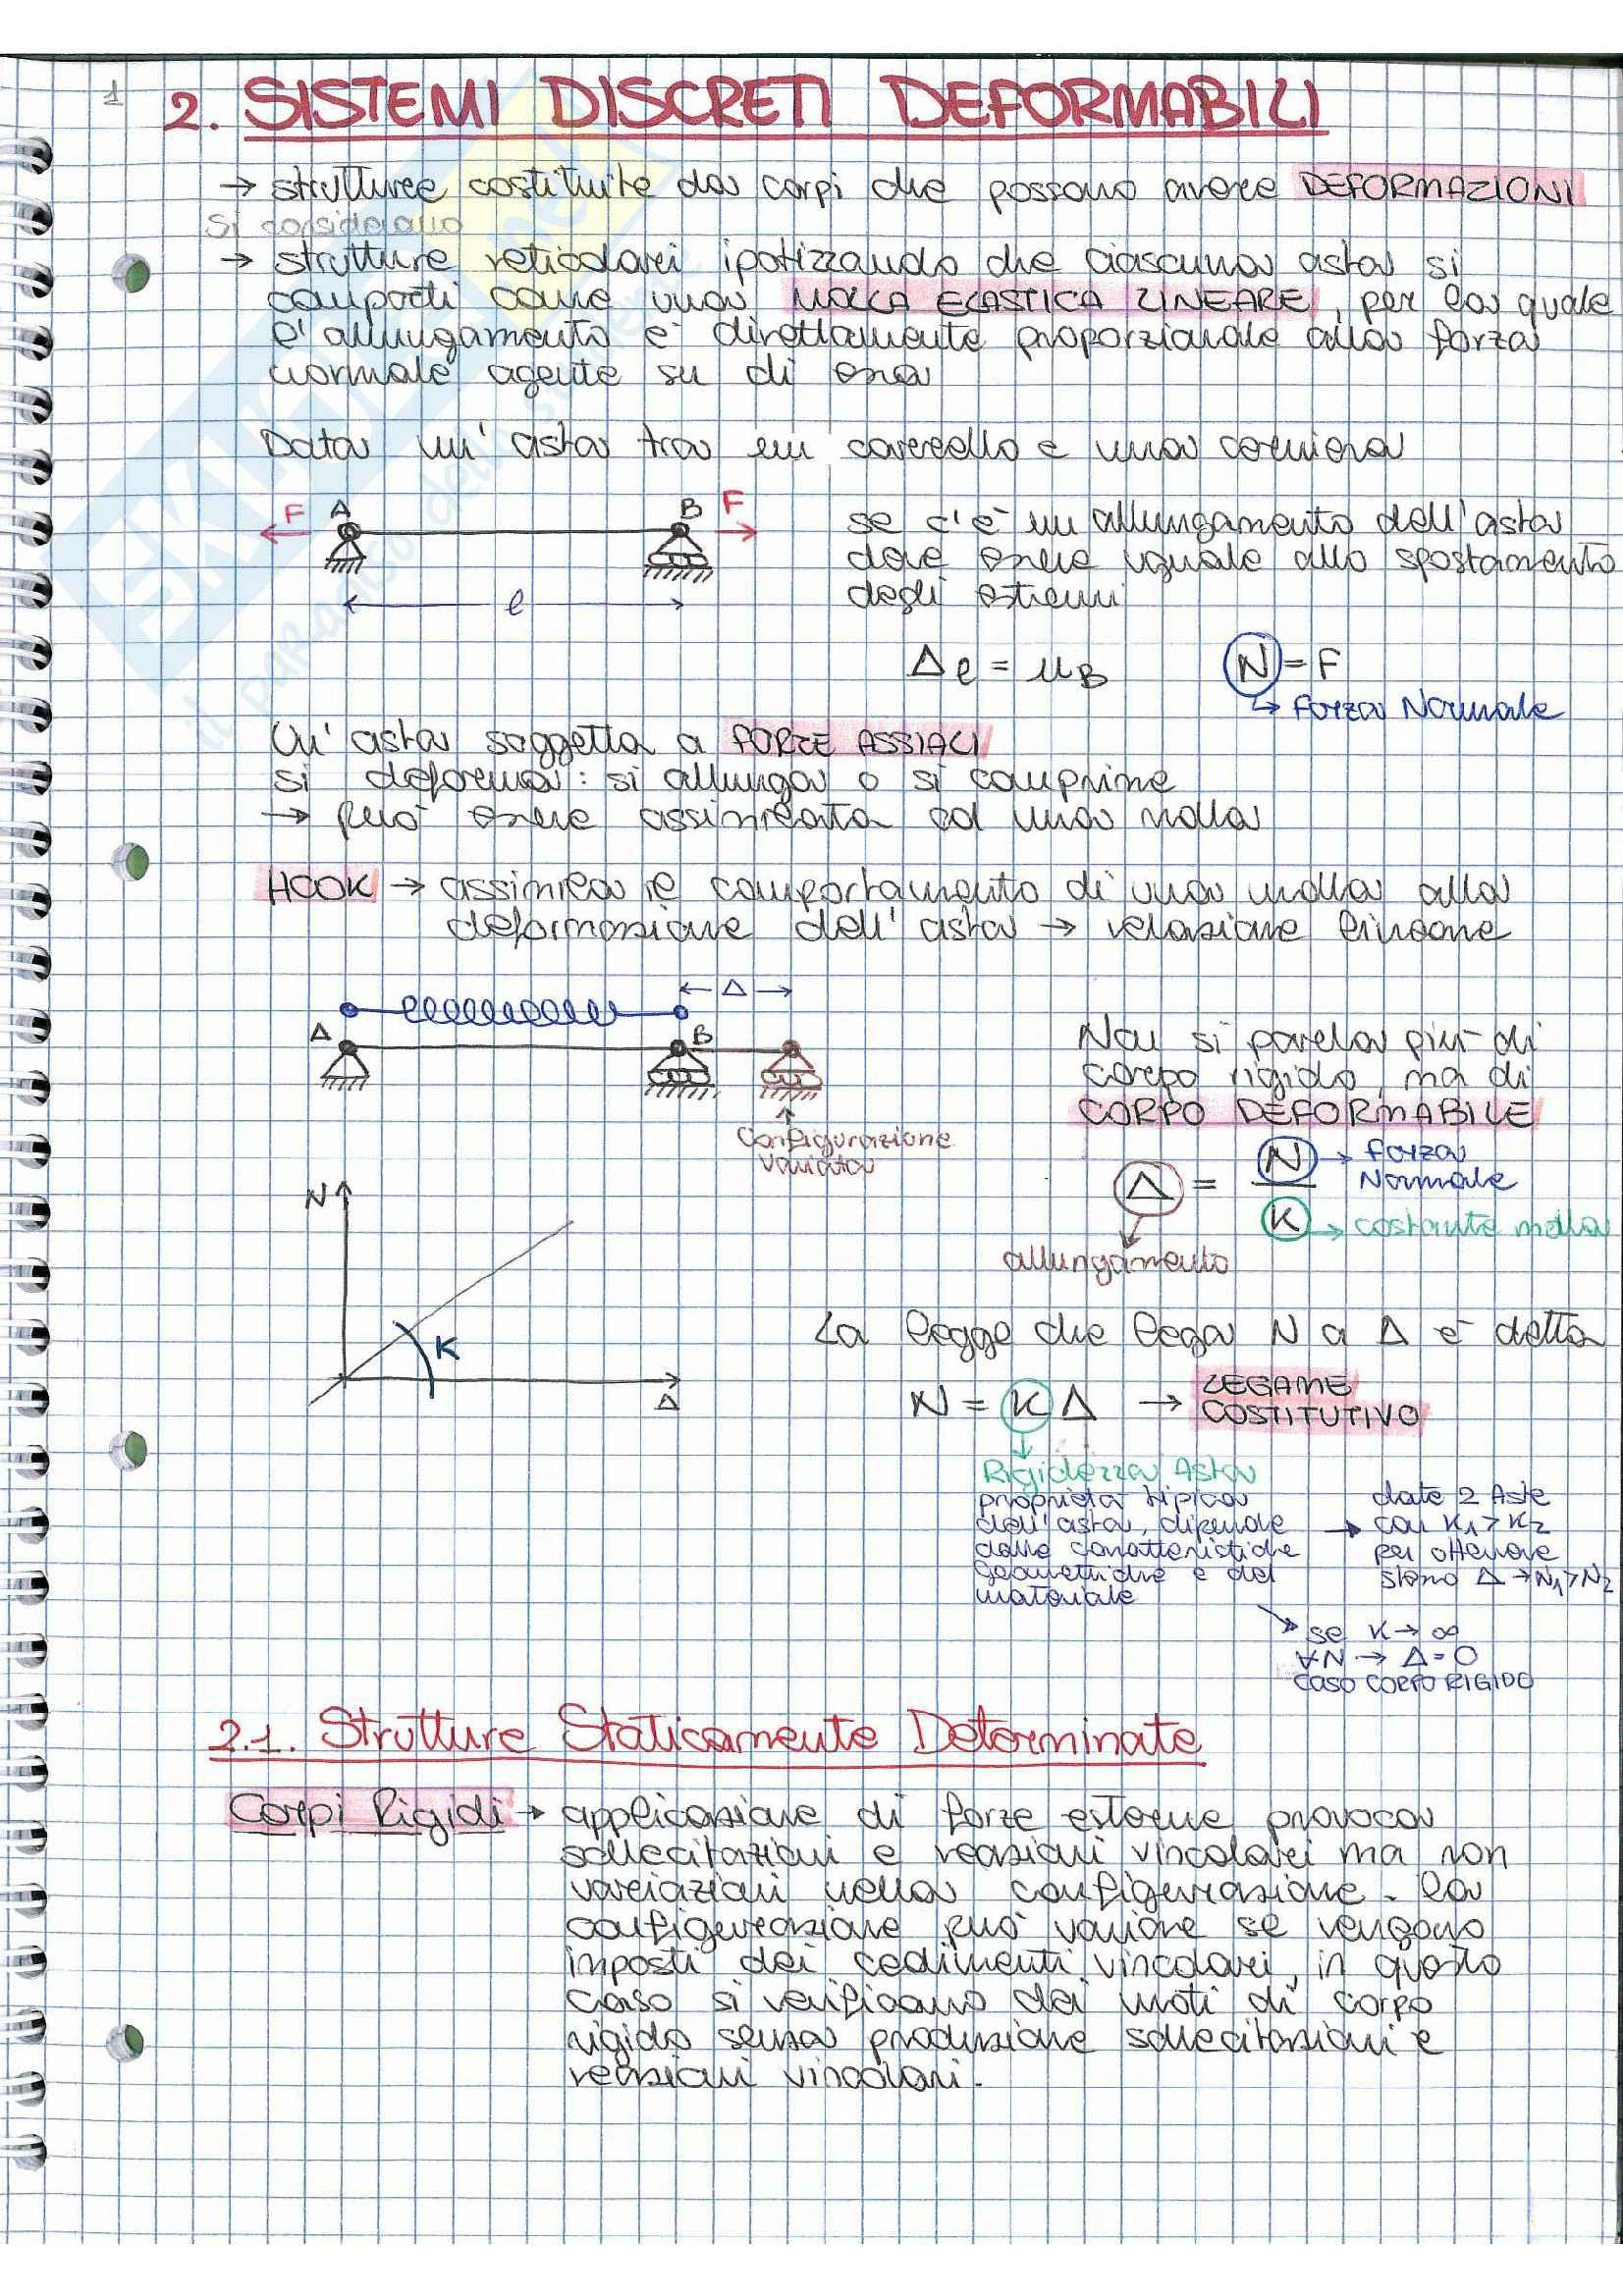 Riassunto esame Scienza delle costruzioni, prof. Vestroni,  libro consigliato  Casini, Vasta: parte sistemi discreti deformabili